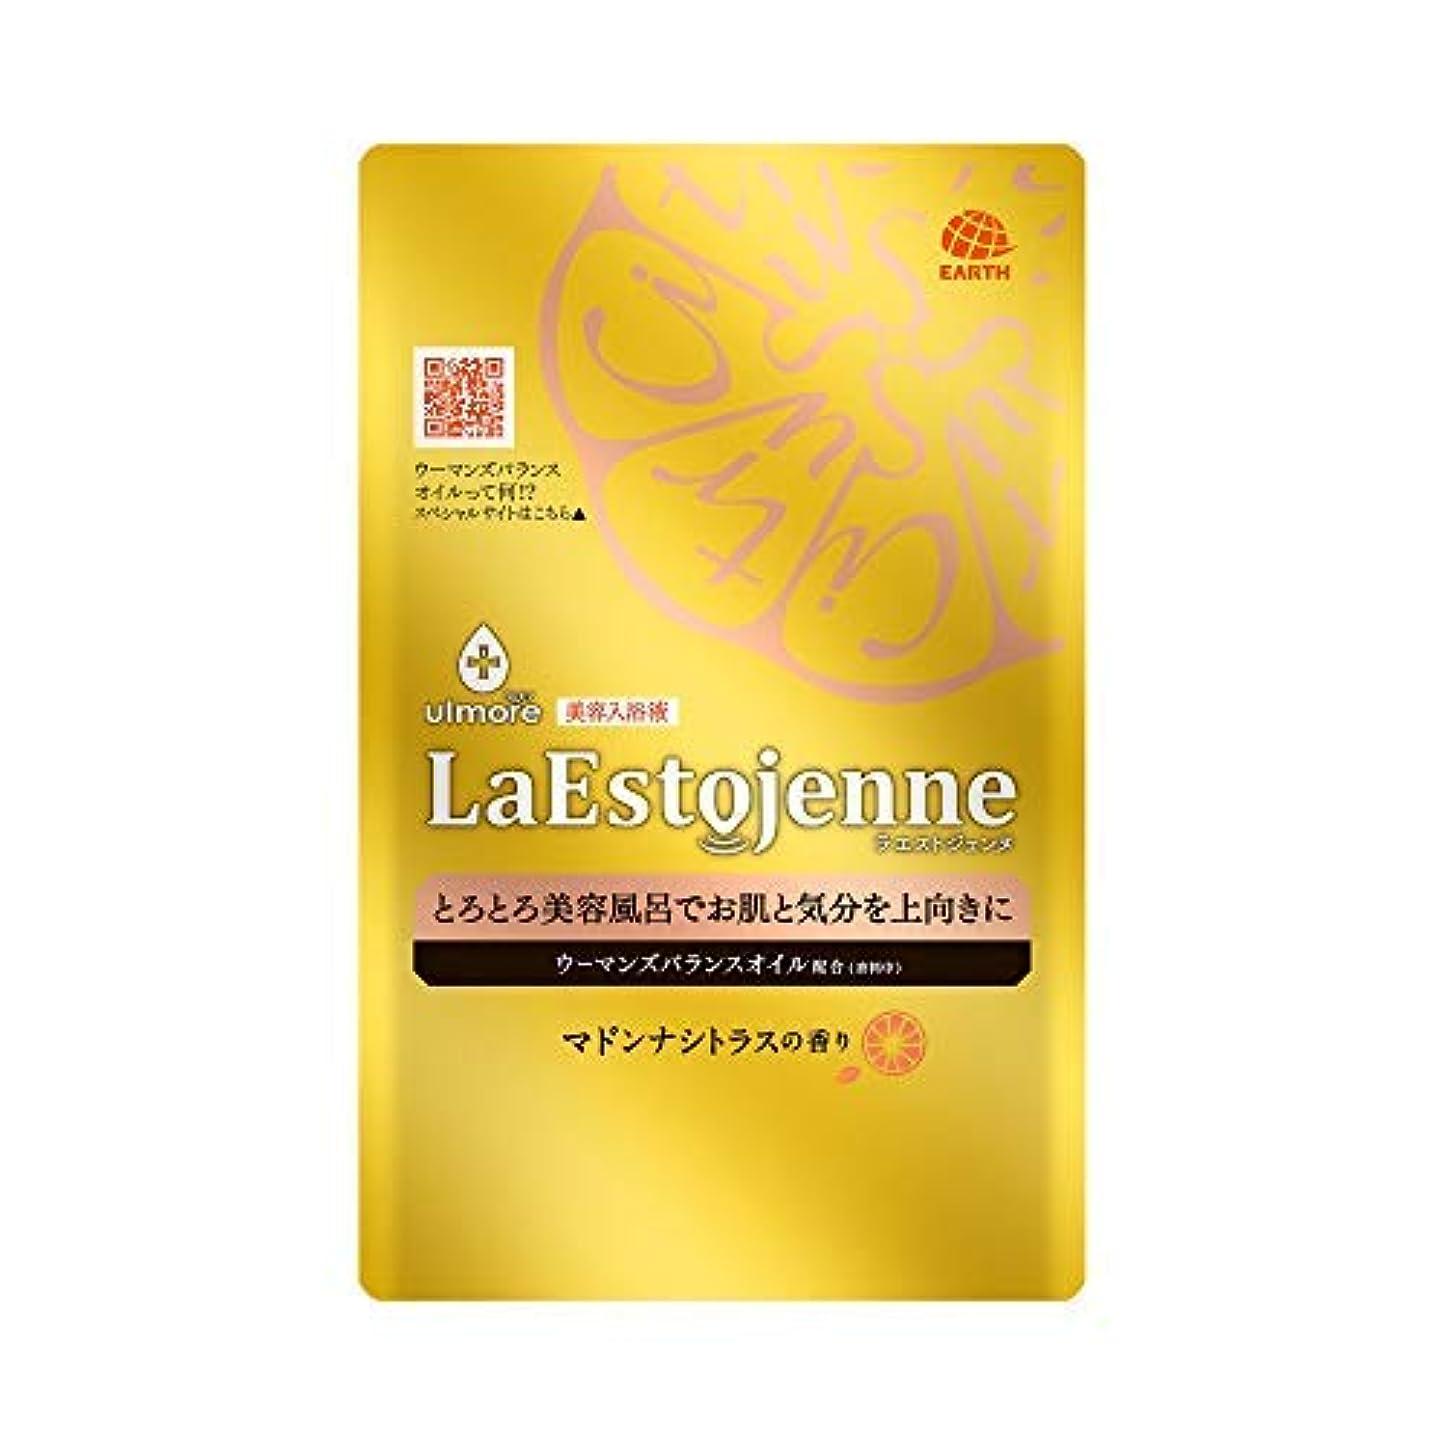 迅速色合い閉塞ウルモア ラエストジェンヌ マドンナシトラスの香り 1包 × 10個セット